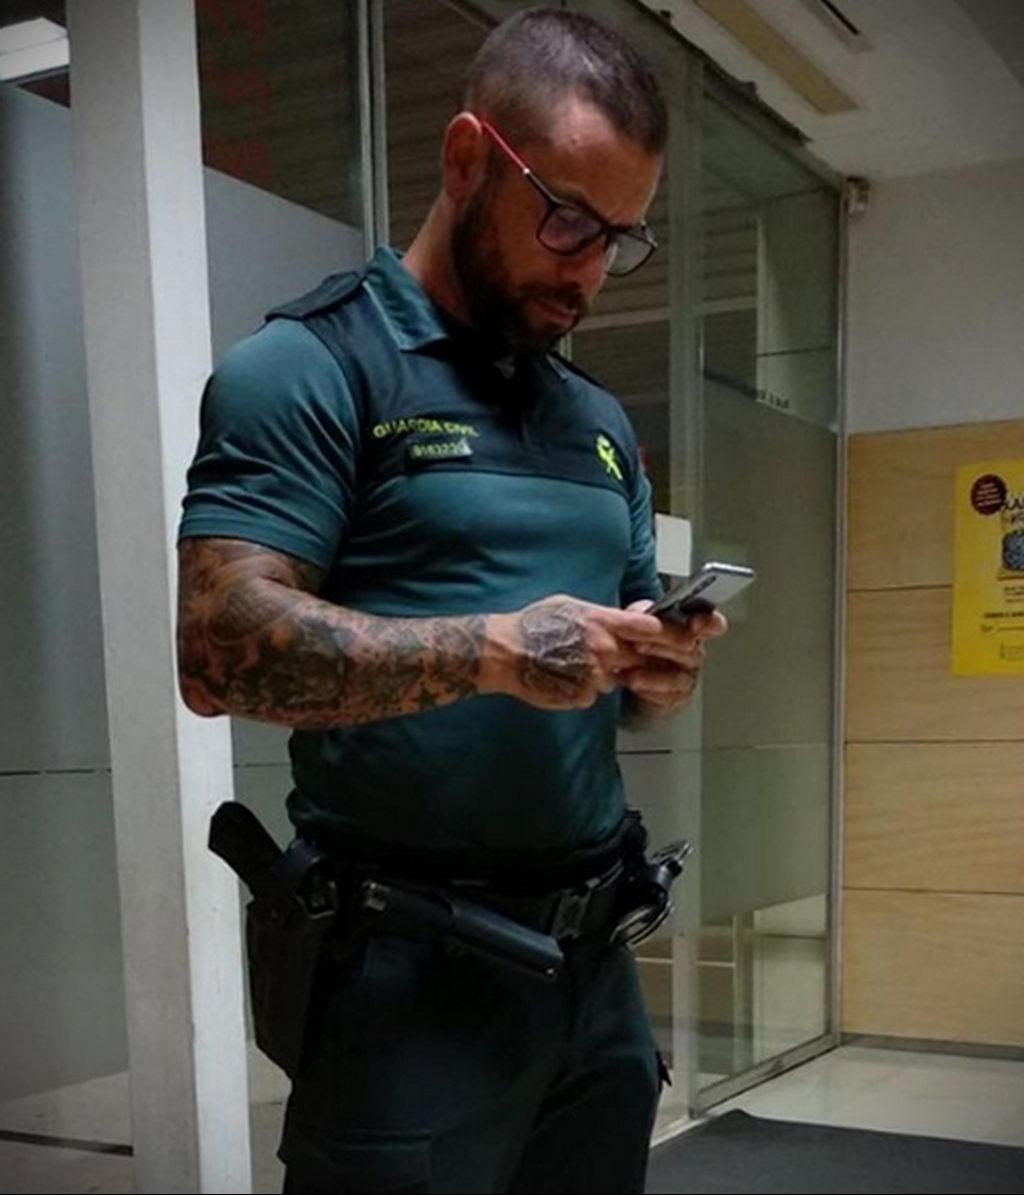 Фото действующего сотрудника полиции в форме с татуировками на теле для tatufoto.com 17